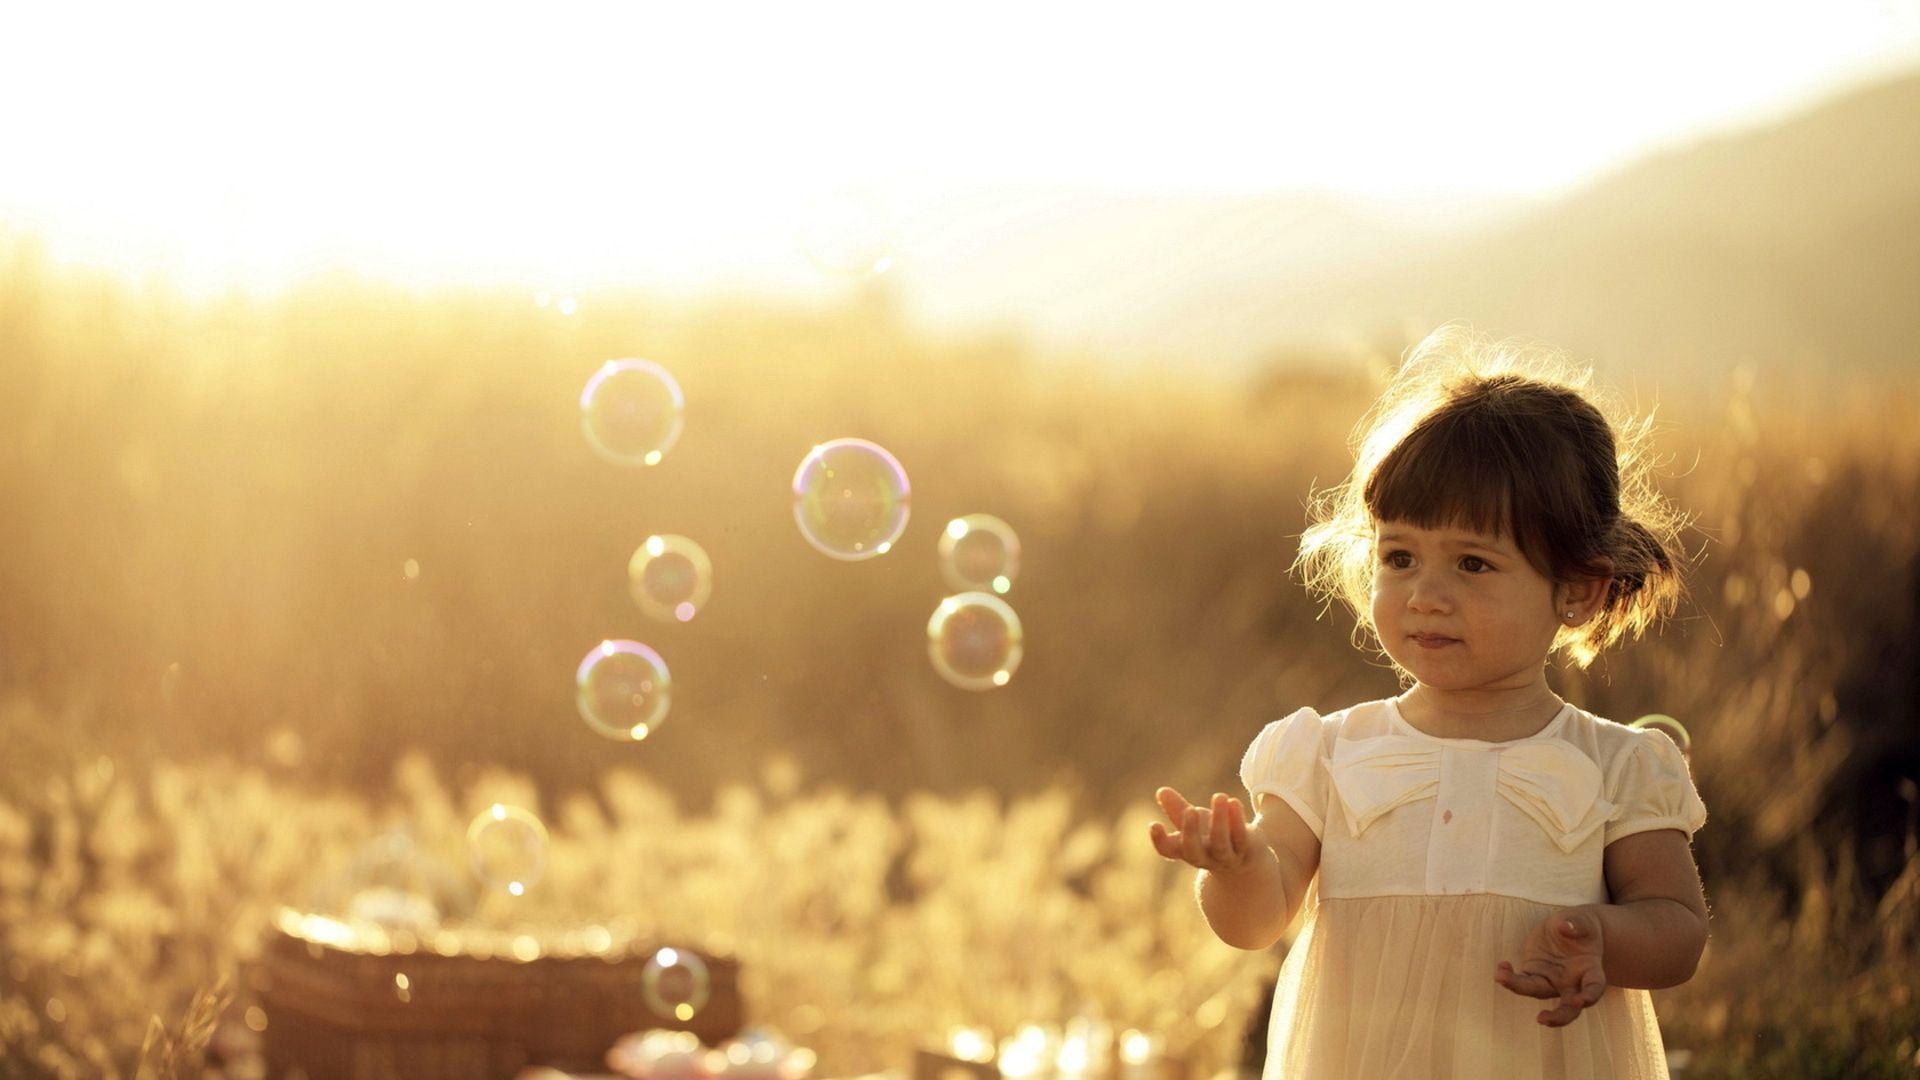 1920x1080 Wallpaper girl, summer, light, bubbles